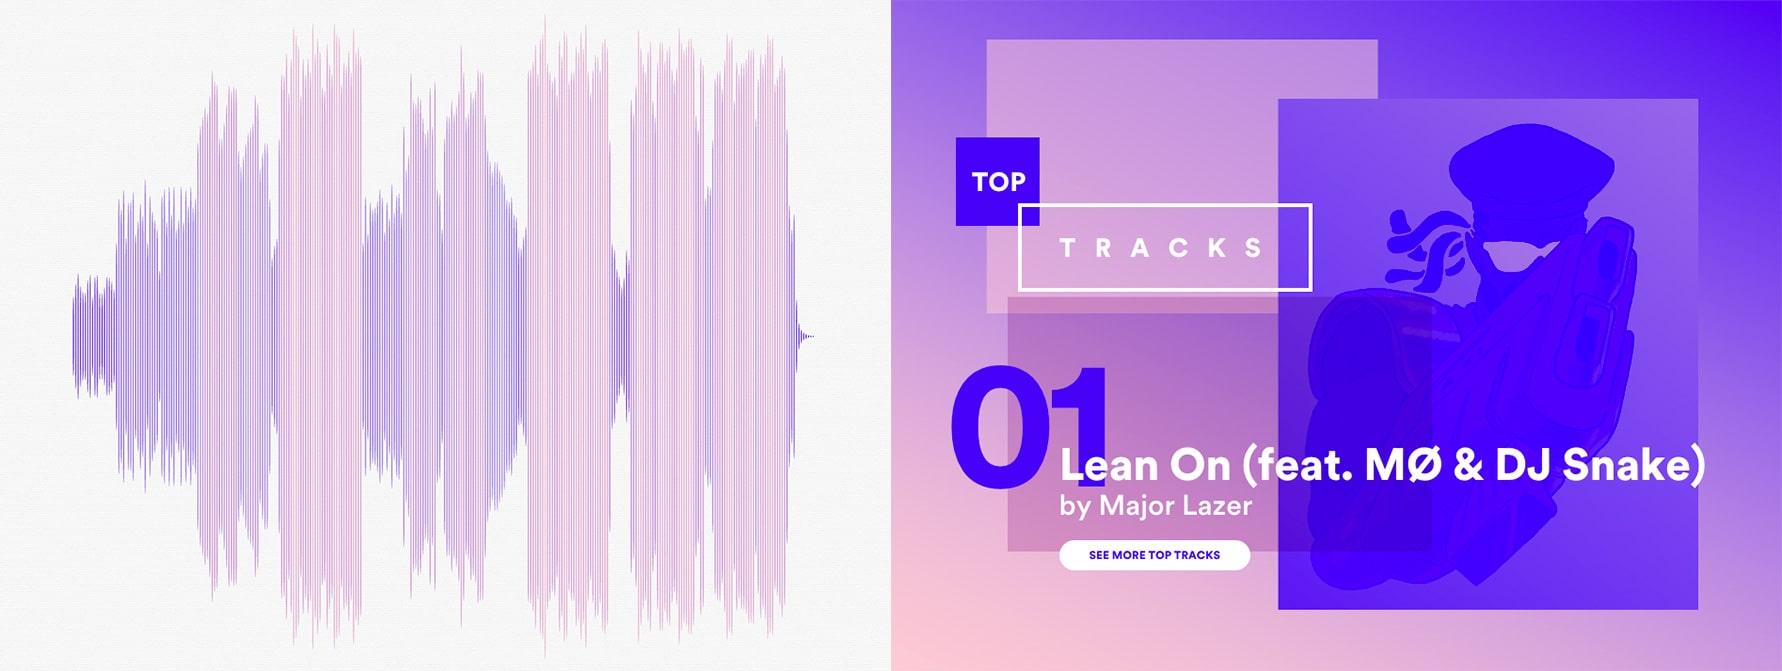 Lean On Dj Snake Major Laser